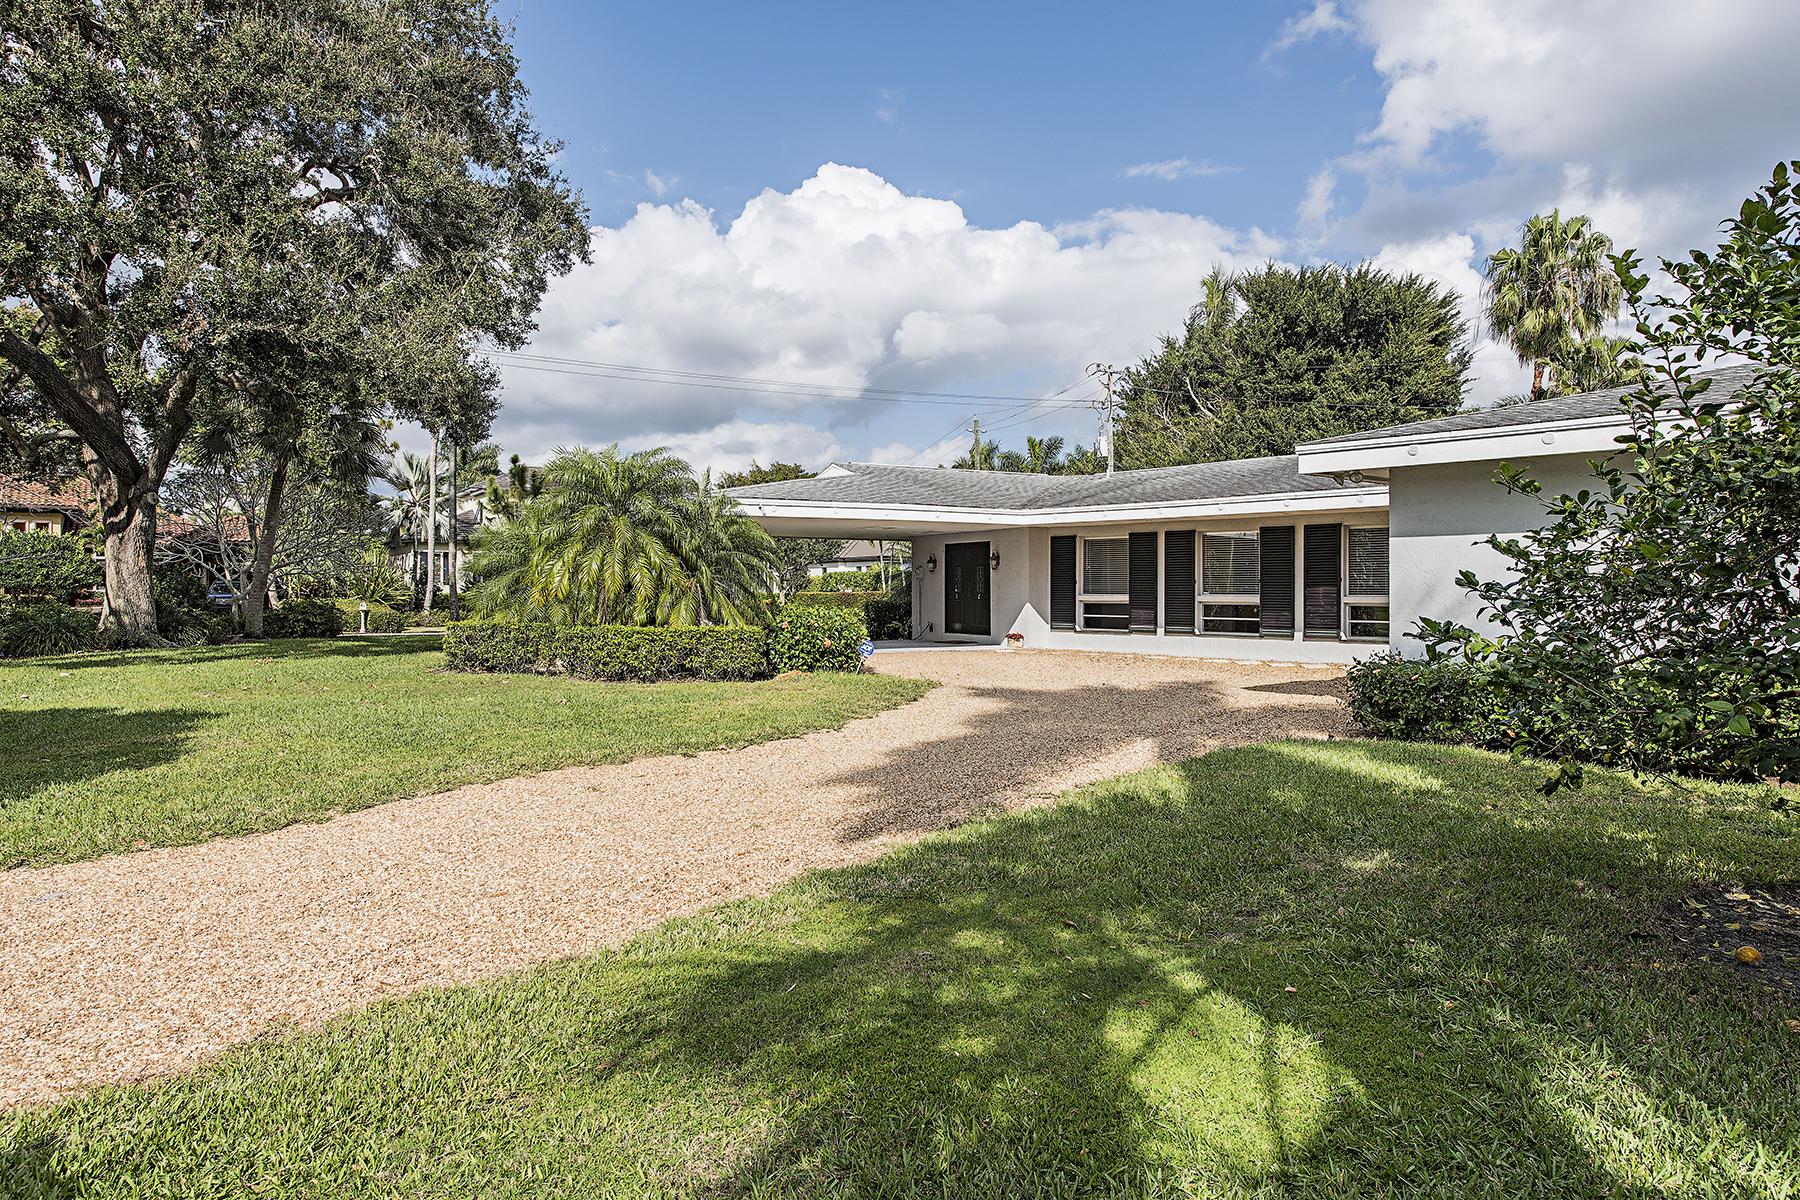 단독 가정 주택 용 매매 에 MOORINGS - MOORINGS 484 Bow Line Dr Naples, 플로리다 34103 미국